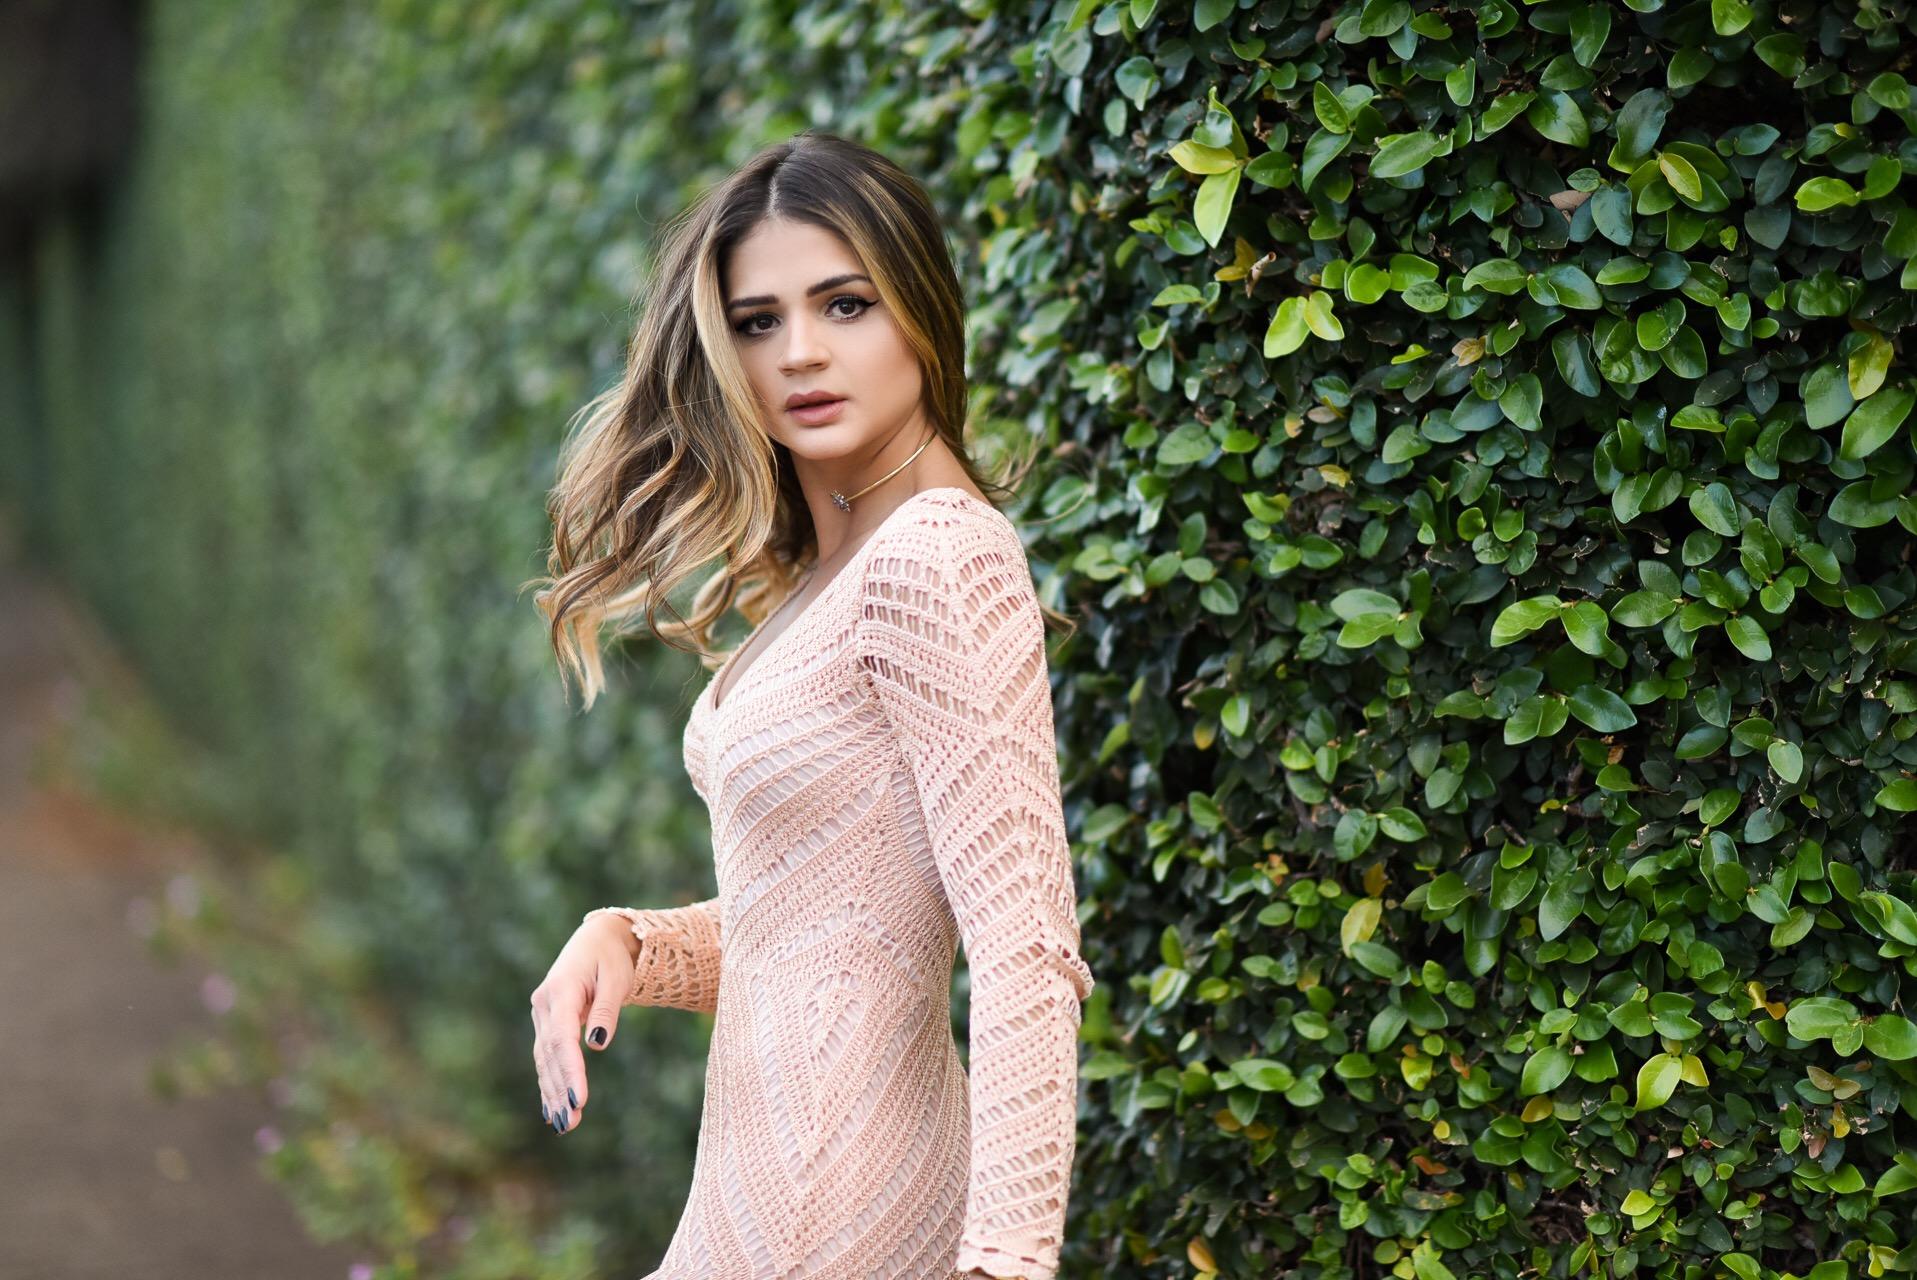 Vestido de Tricot Longo_Galeria Tricot_Thassia Naves_3